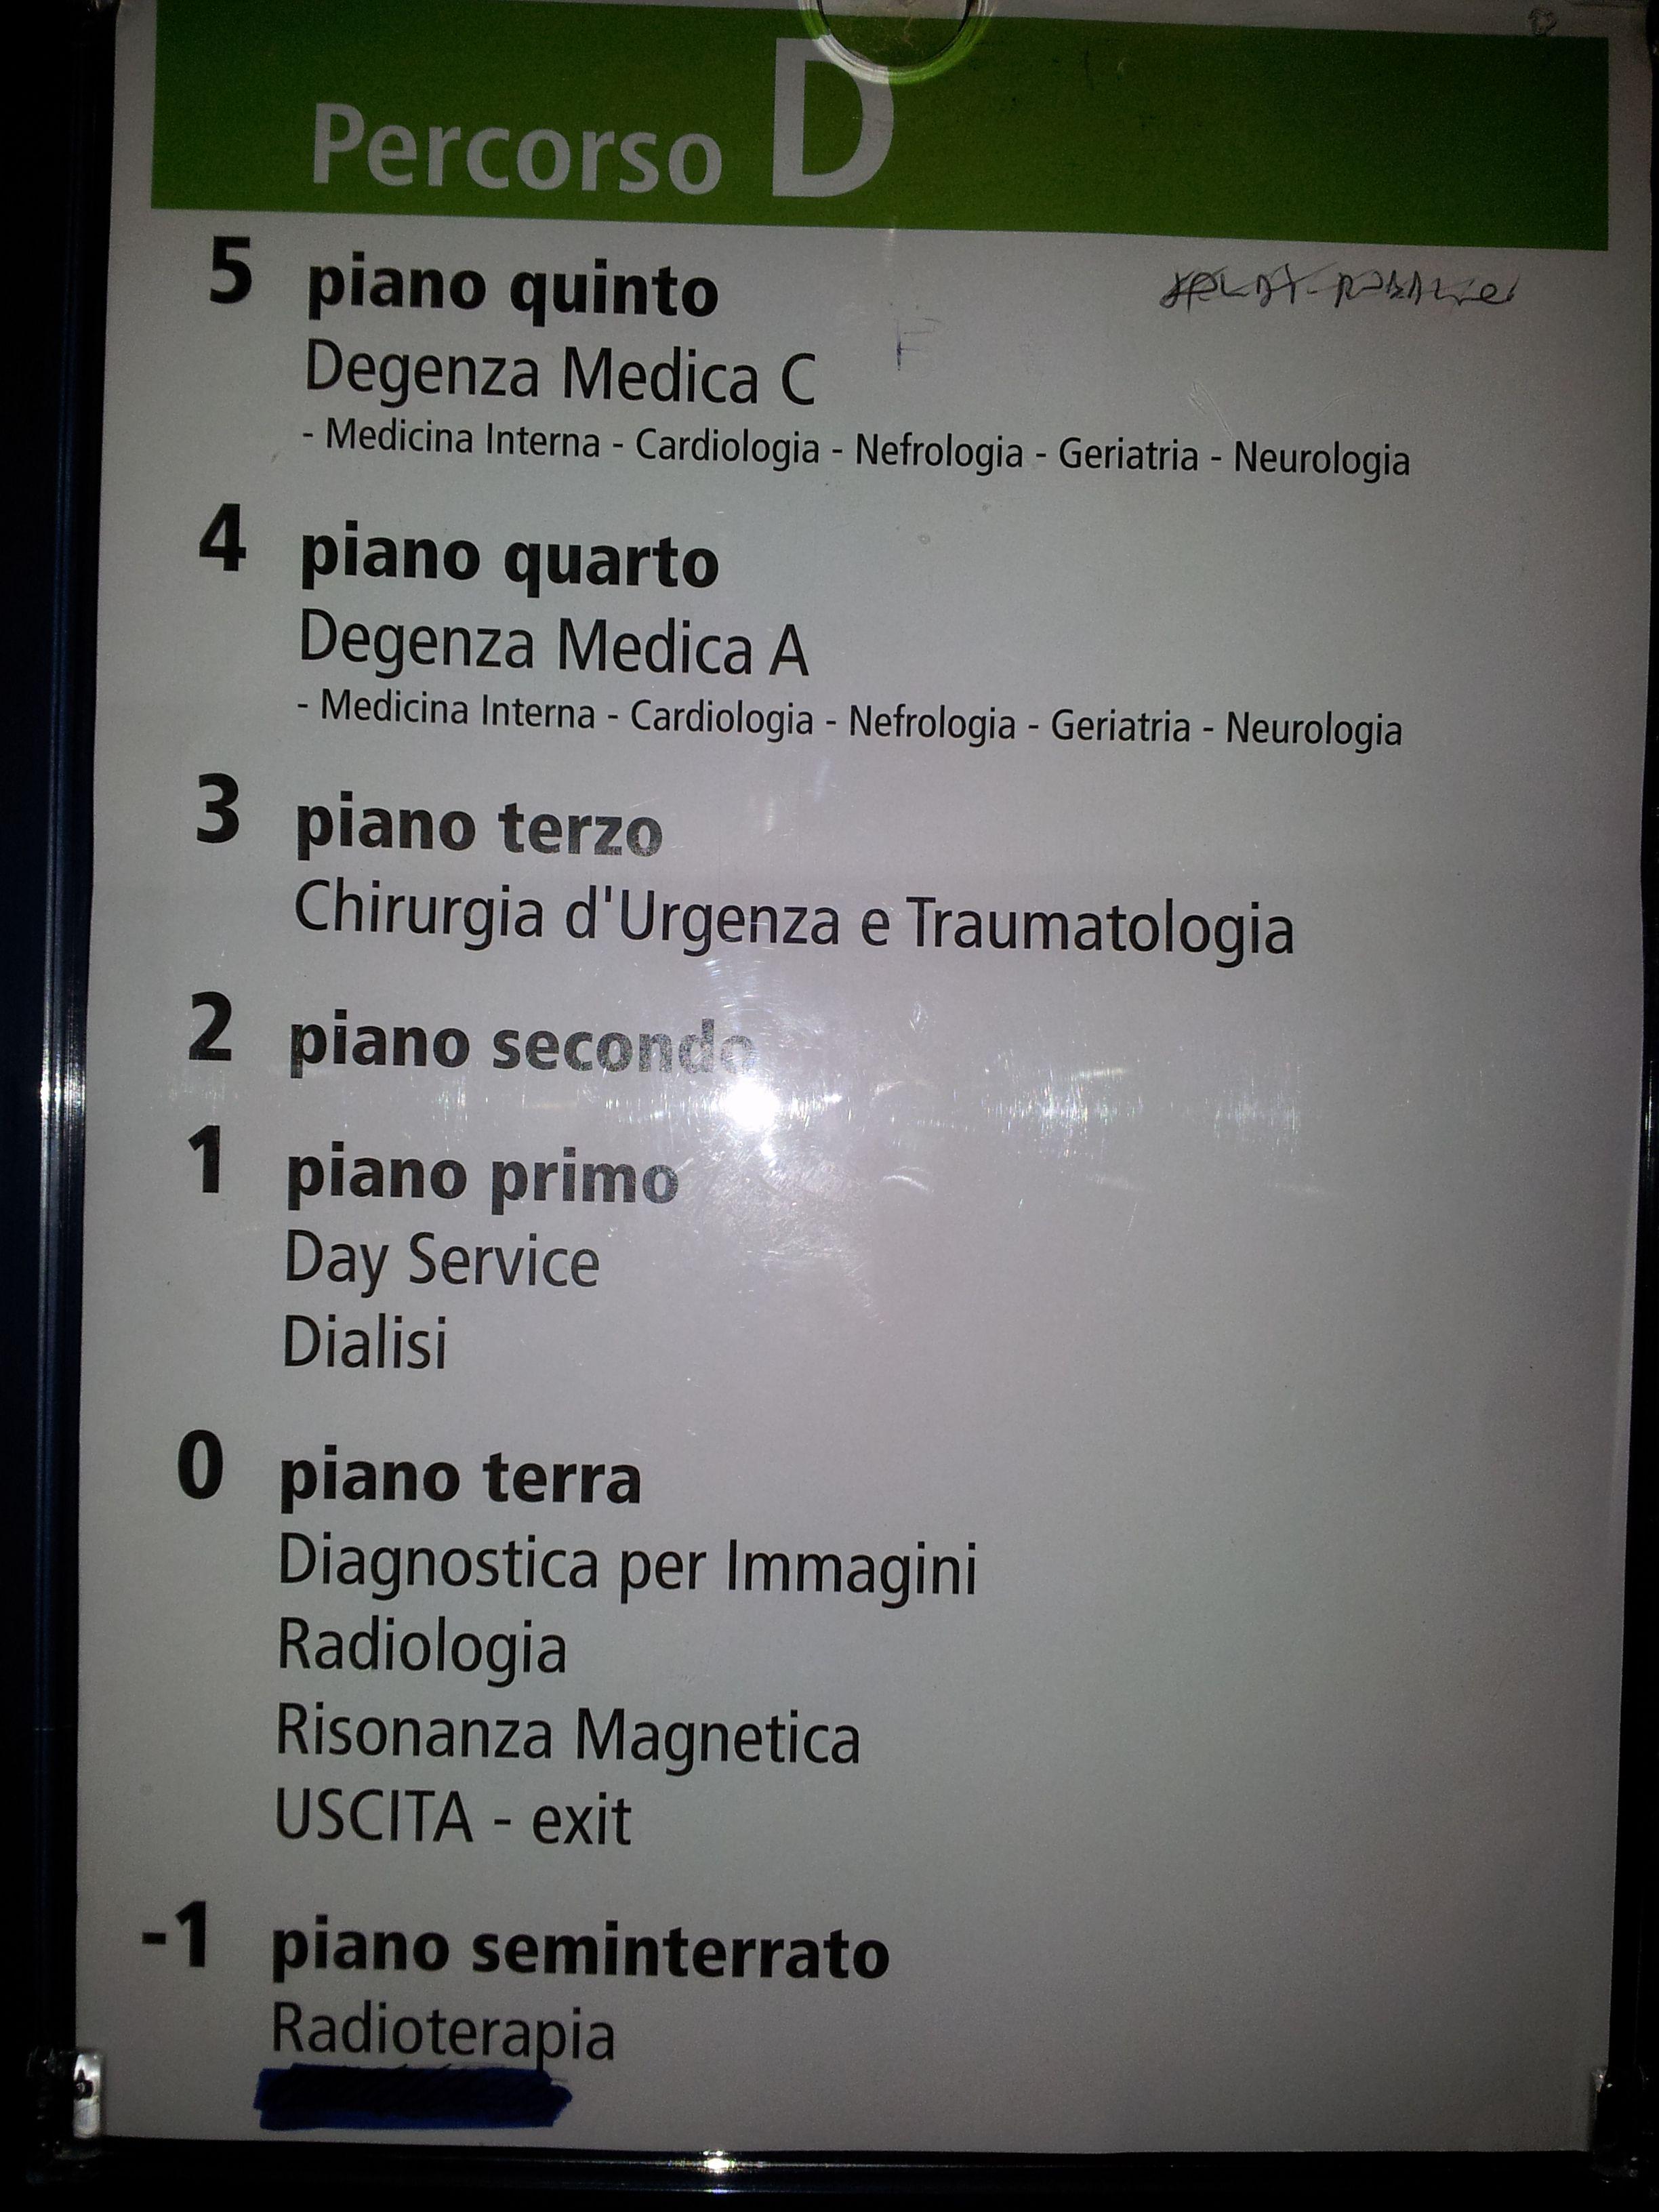 Al secondo piano c'è.... il secondo piano! ::: On the second floor is... the second floor!